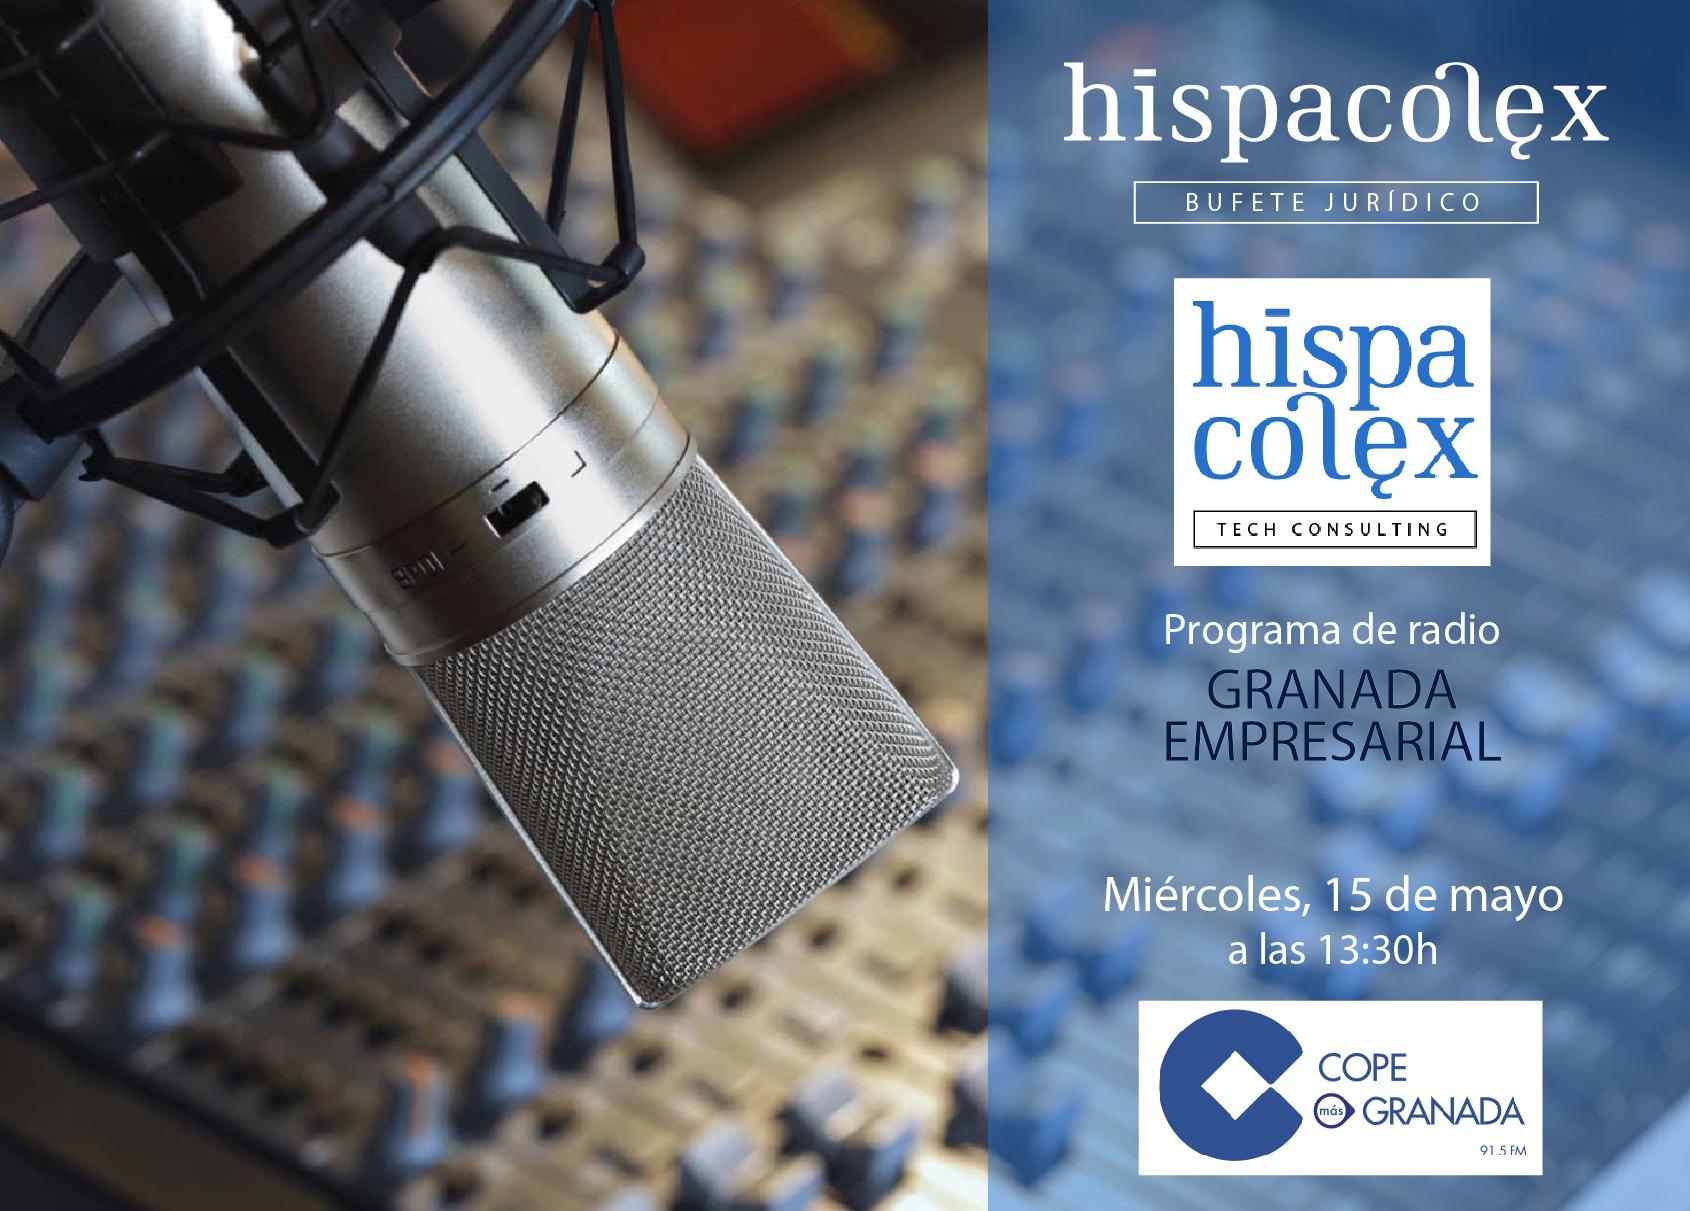 Imagen del audio Granada Empresarial: Entrevista a Pedro García, Director y Fundador de HispaColex Tech Consulting y Javier López y García de la Serrana, Director de HispaColex Bufete Jurídico